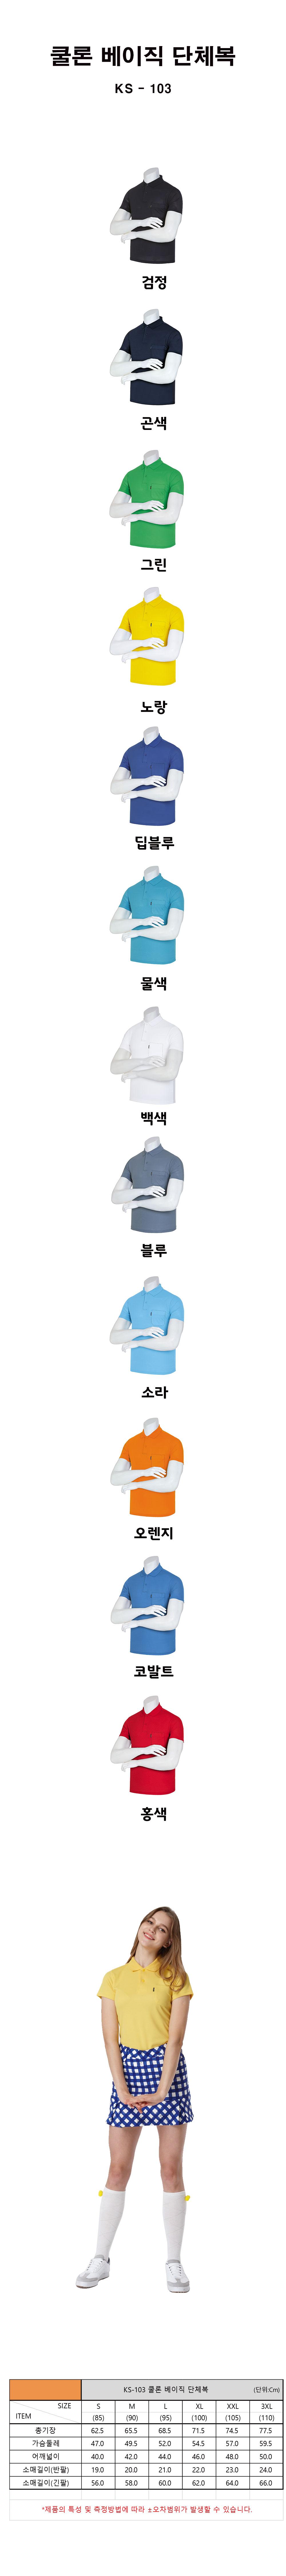 쿨론 베이직 단체복 U - 티티뱅크, 10,800원, 상의, 반팔티셔츠